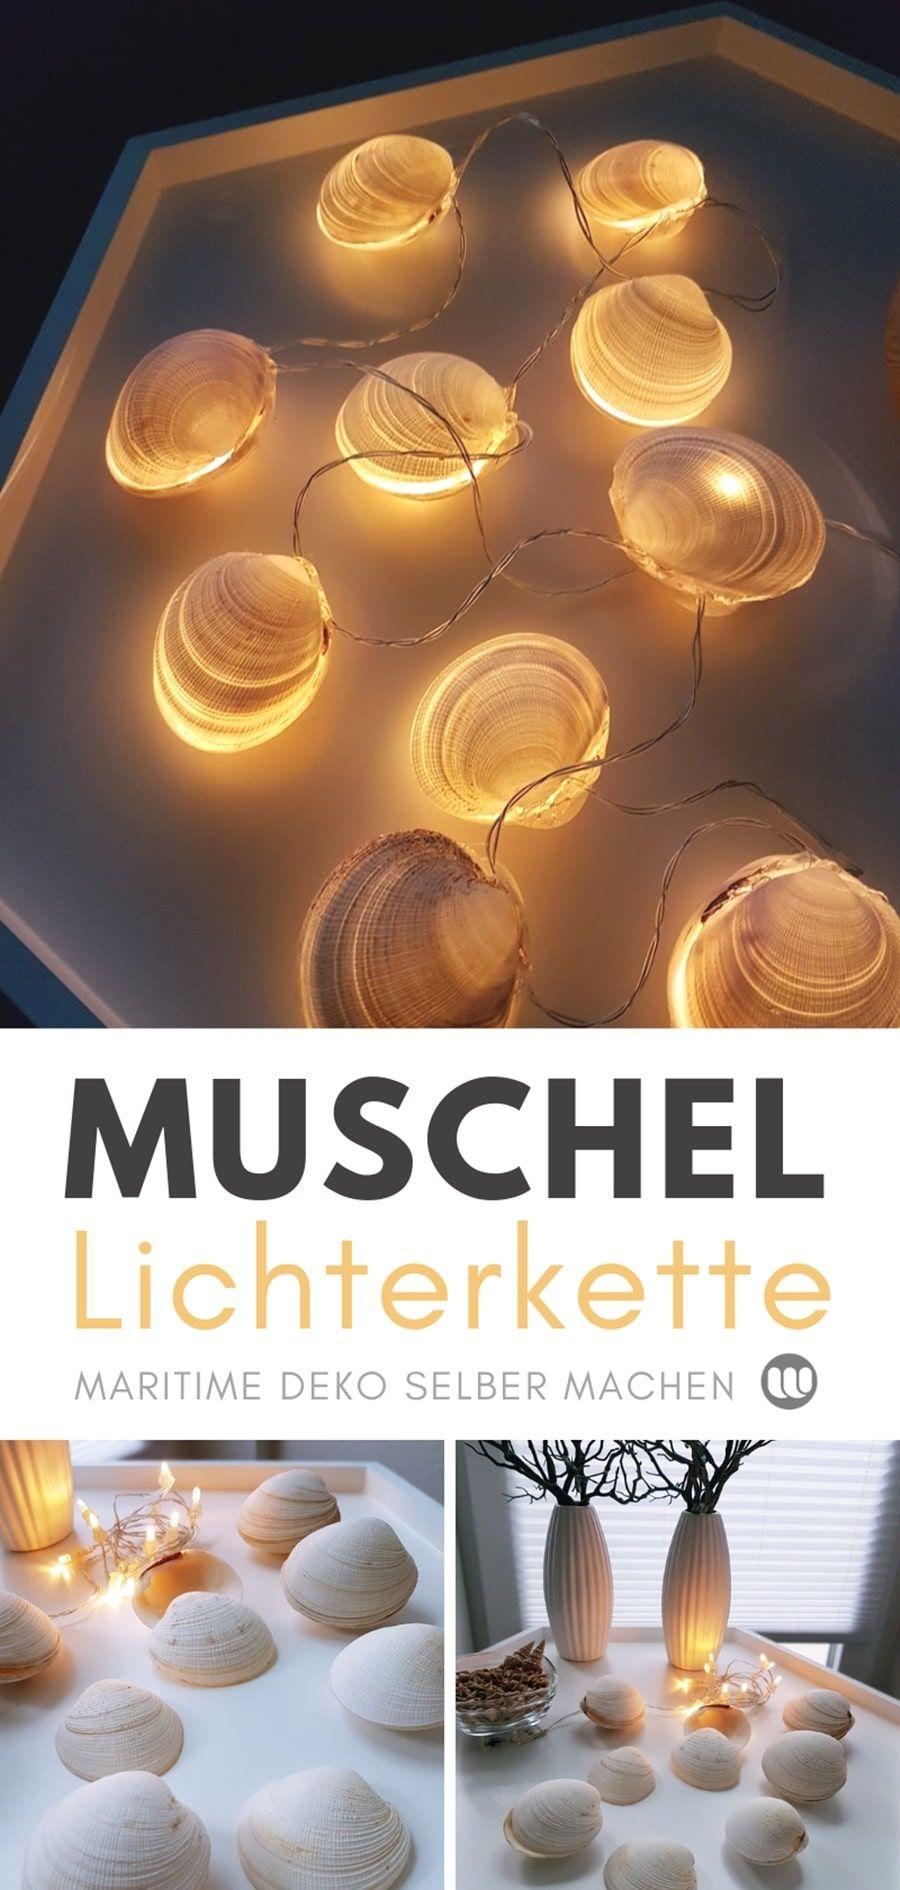 Photo of Maritime Muschel-Lichterkette: 2 Bastelideen mit Muscheln